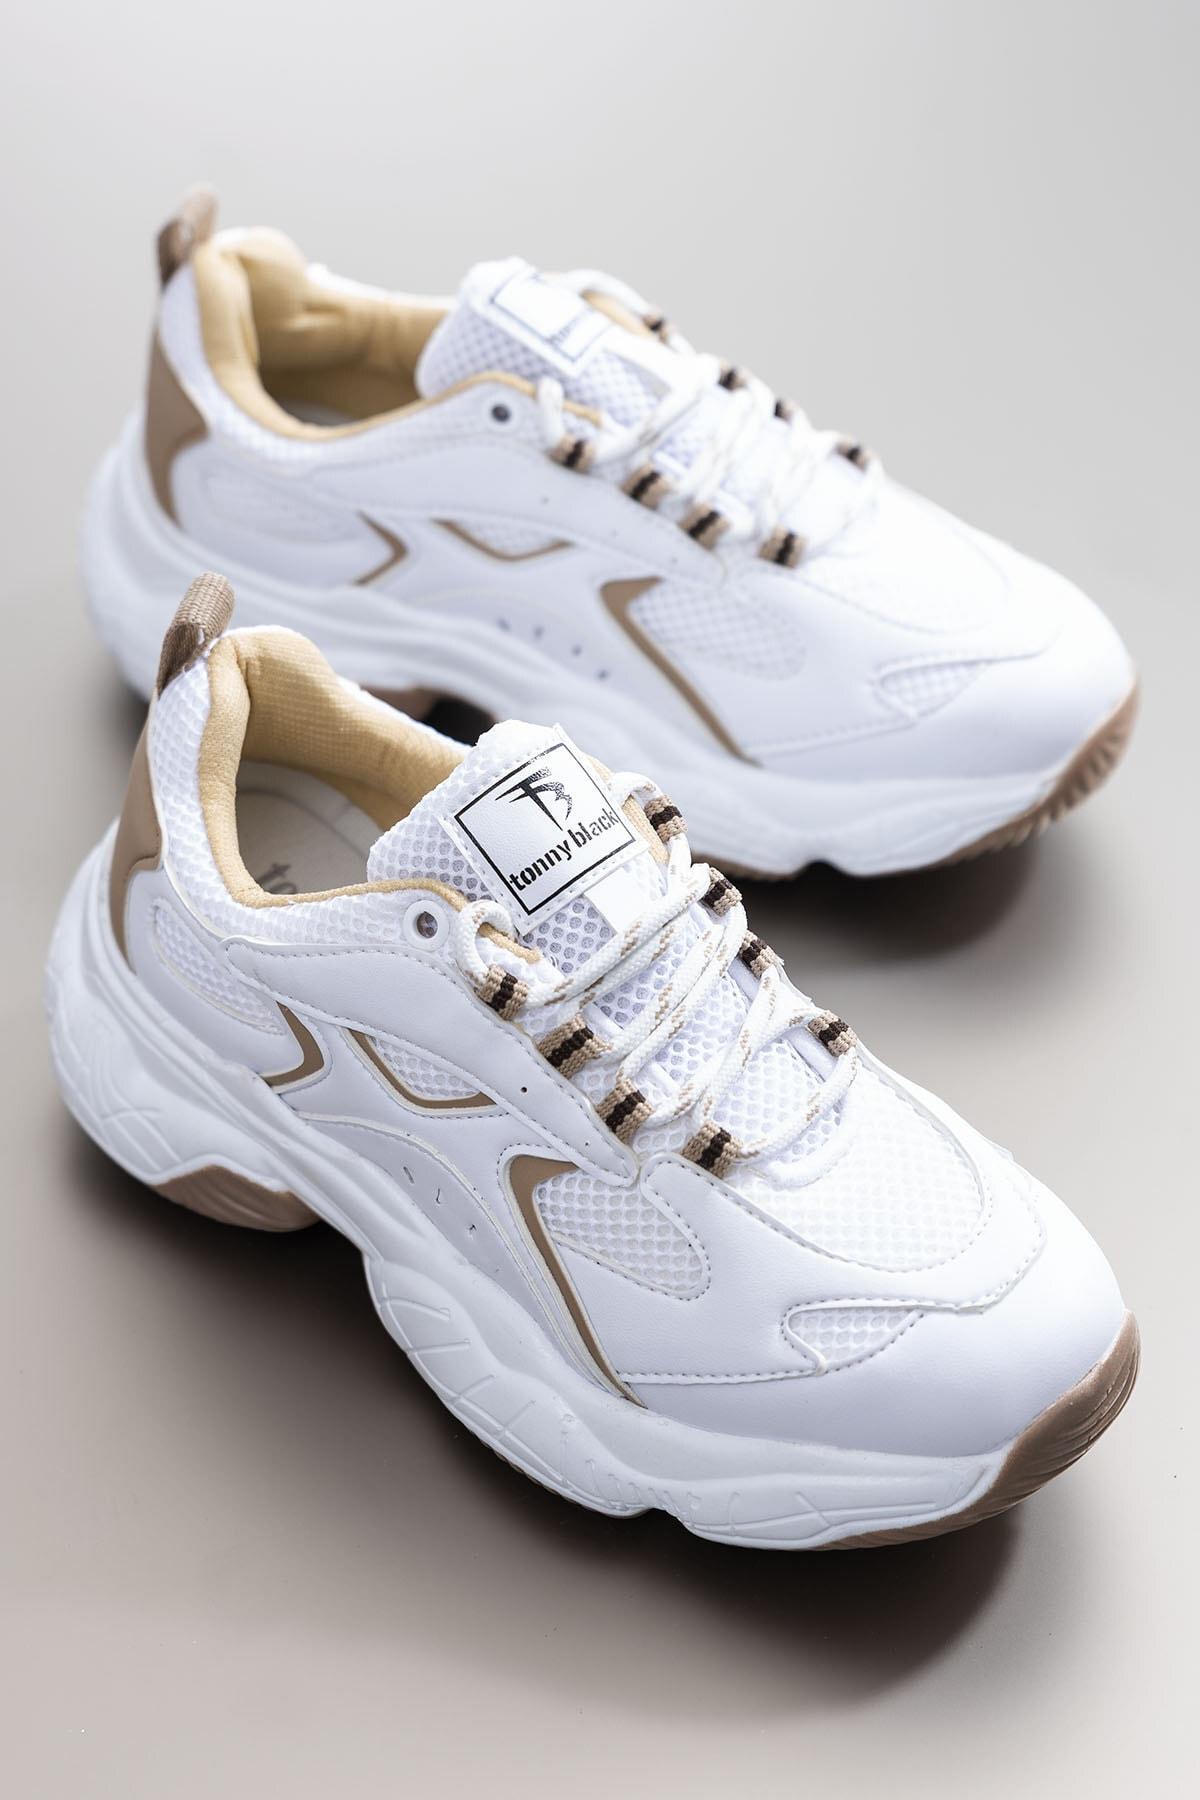 Tonny Black Kadın Spor Ayakkabı Beyaz Toprak Tb288